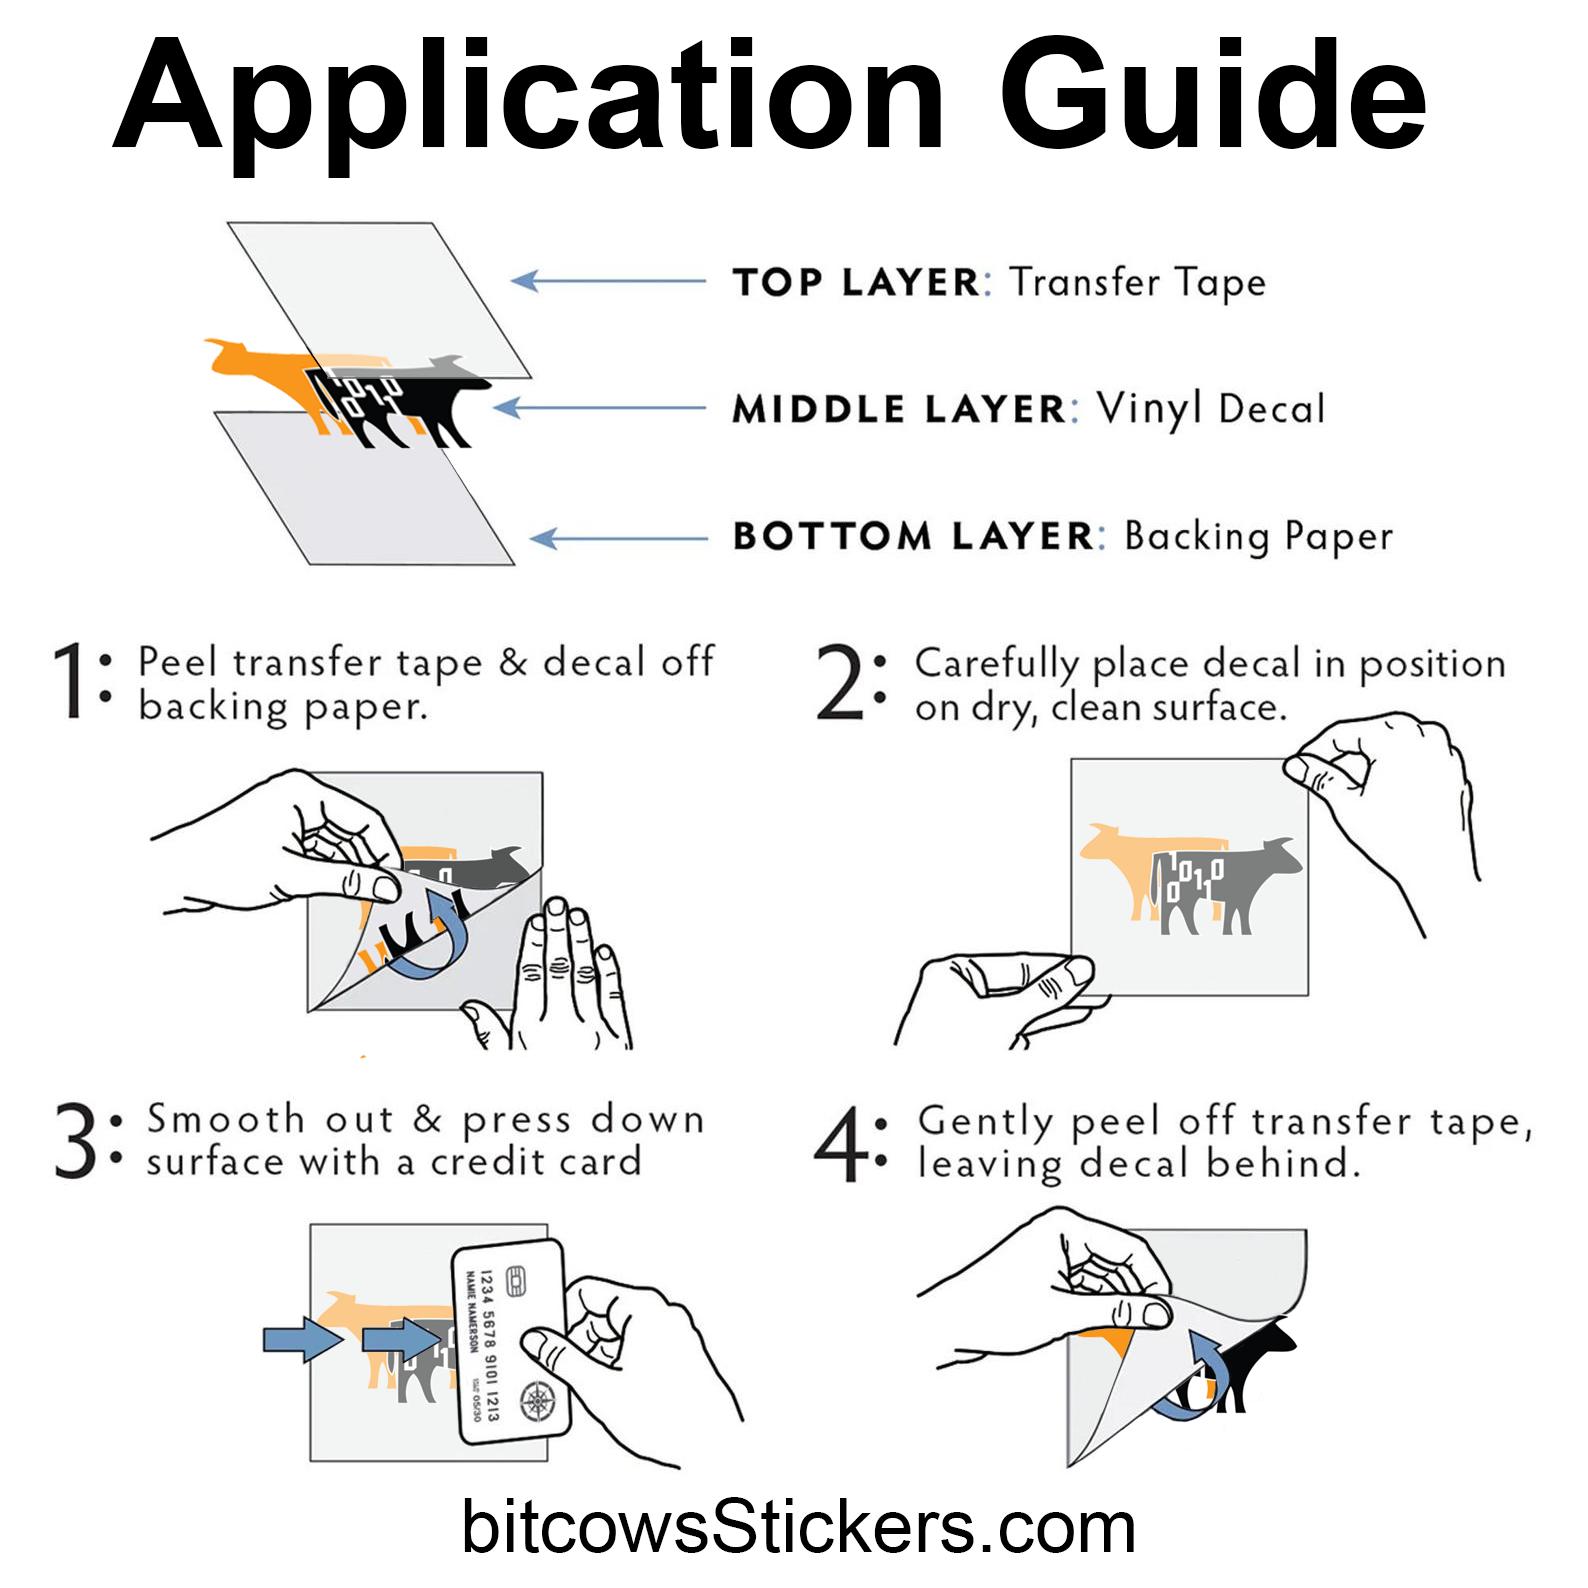 https://bitcowsStickers.com instructions